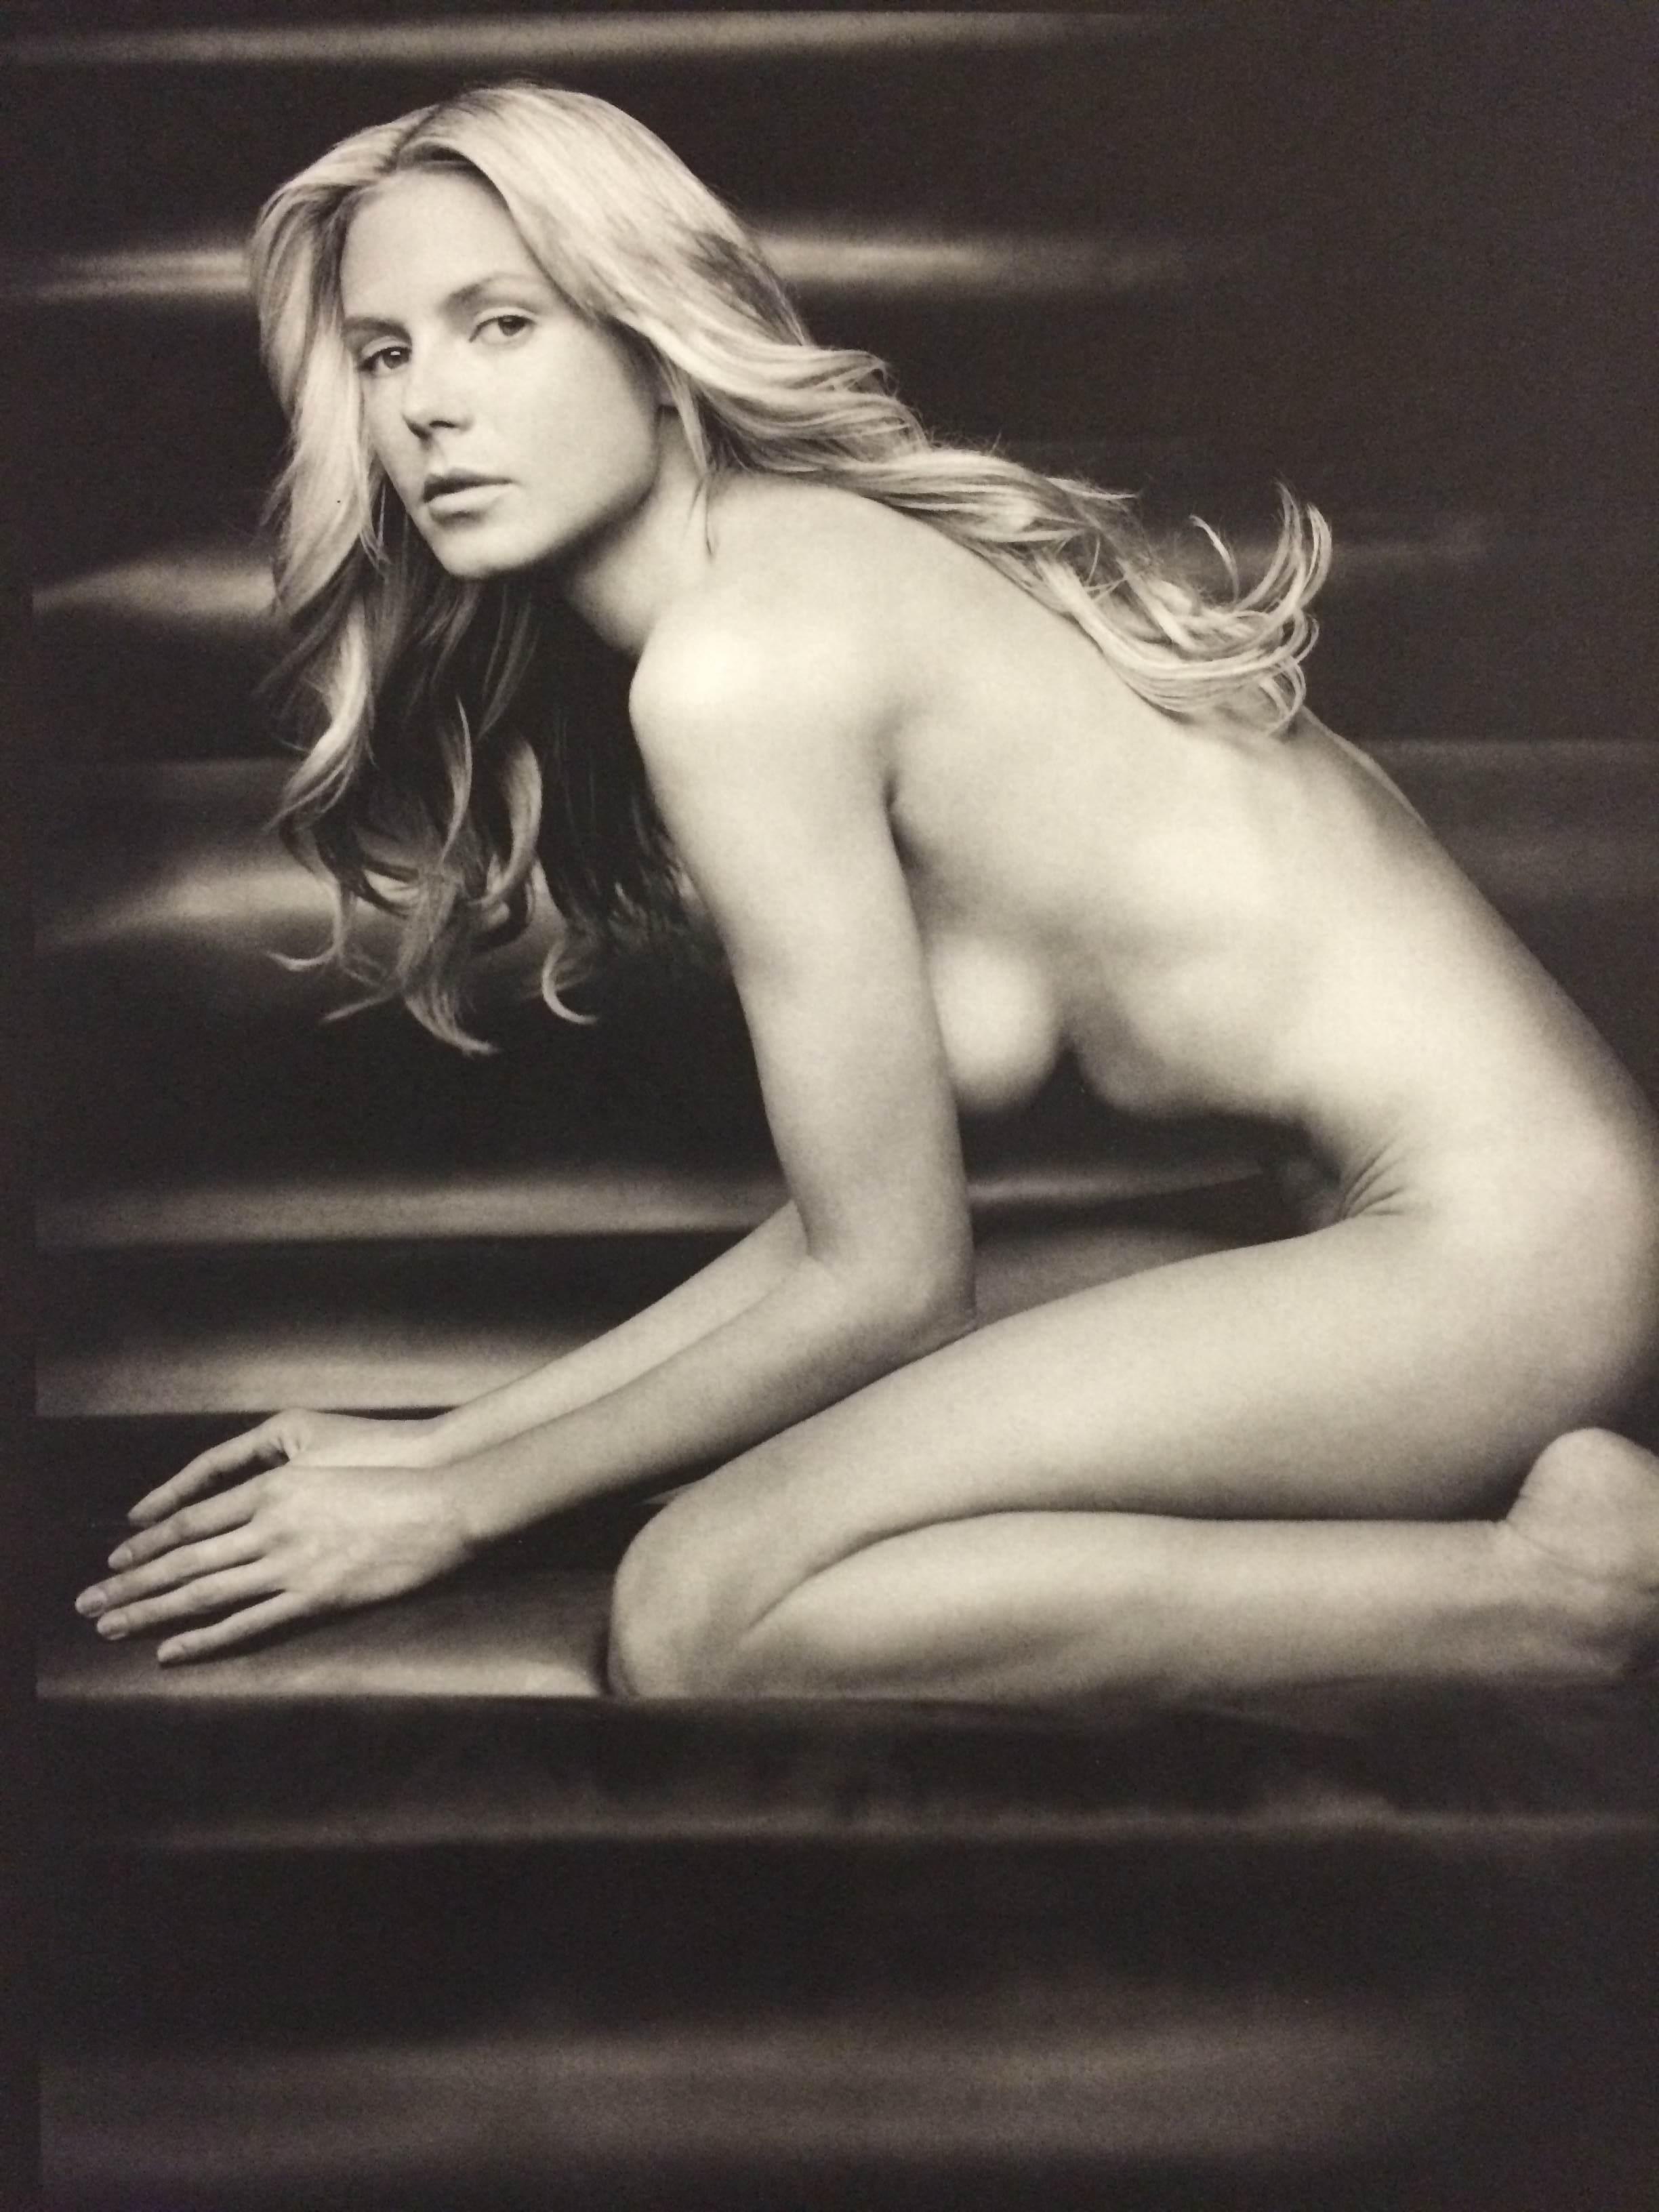 Heidi Klum, New York, NY 2003